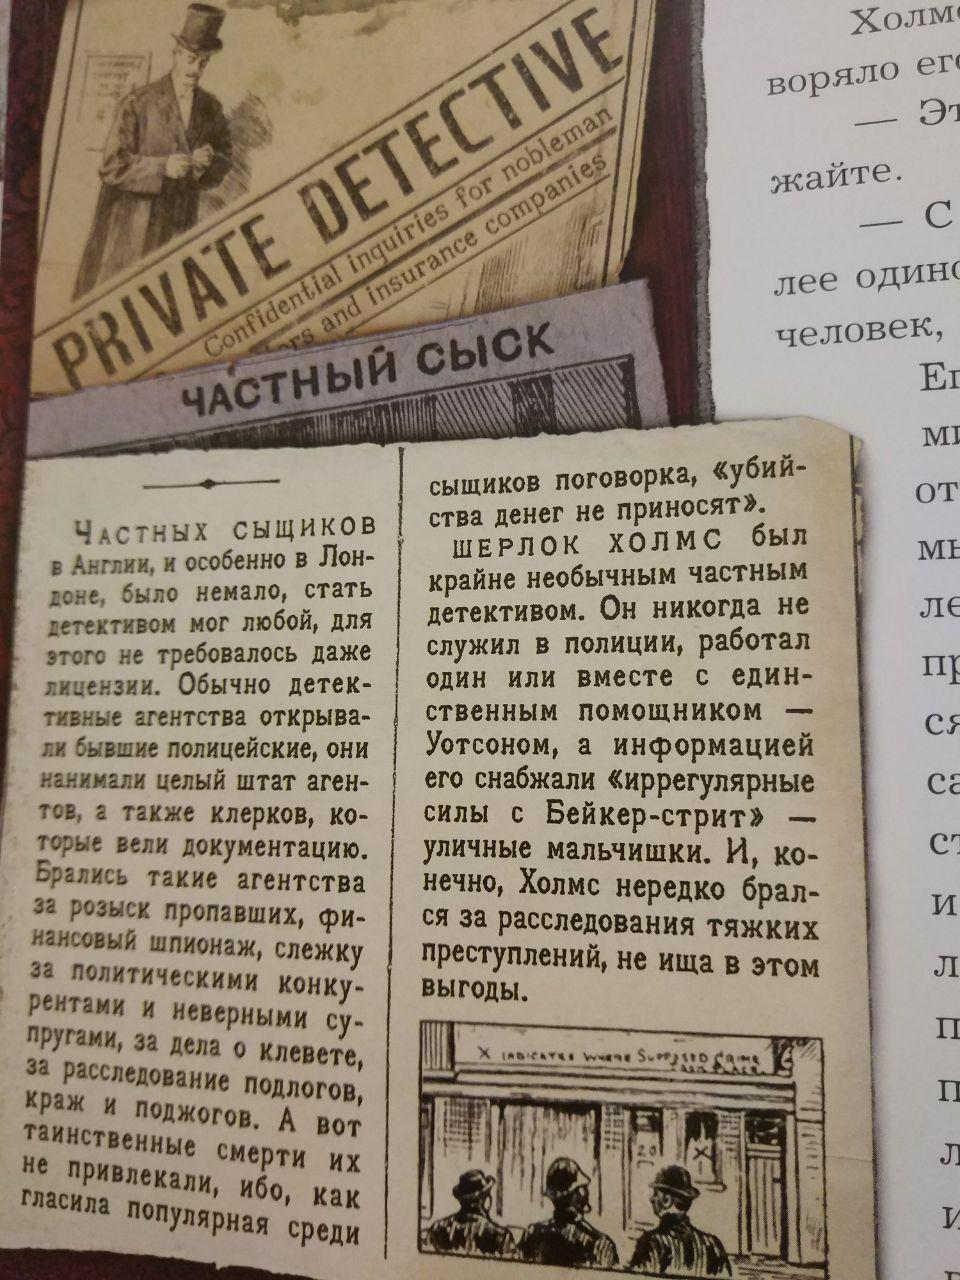 http://s7.uploads.ru/Zx9uk.jpg